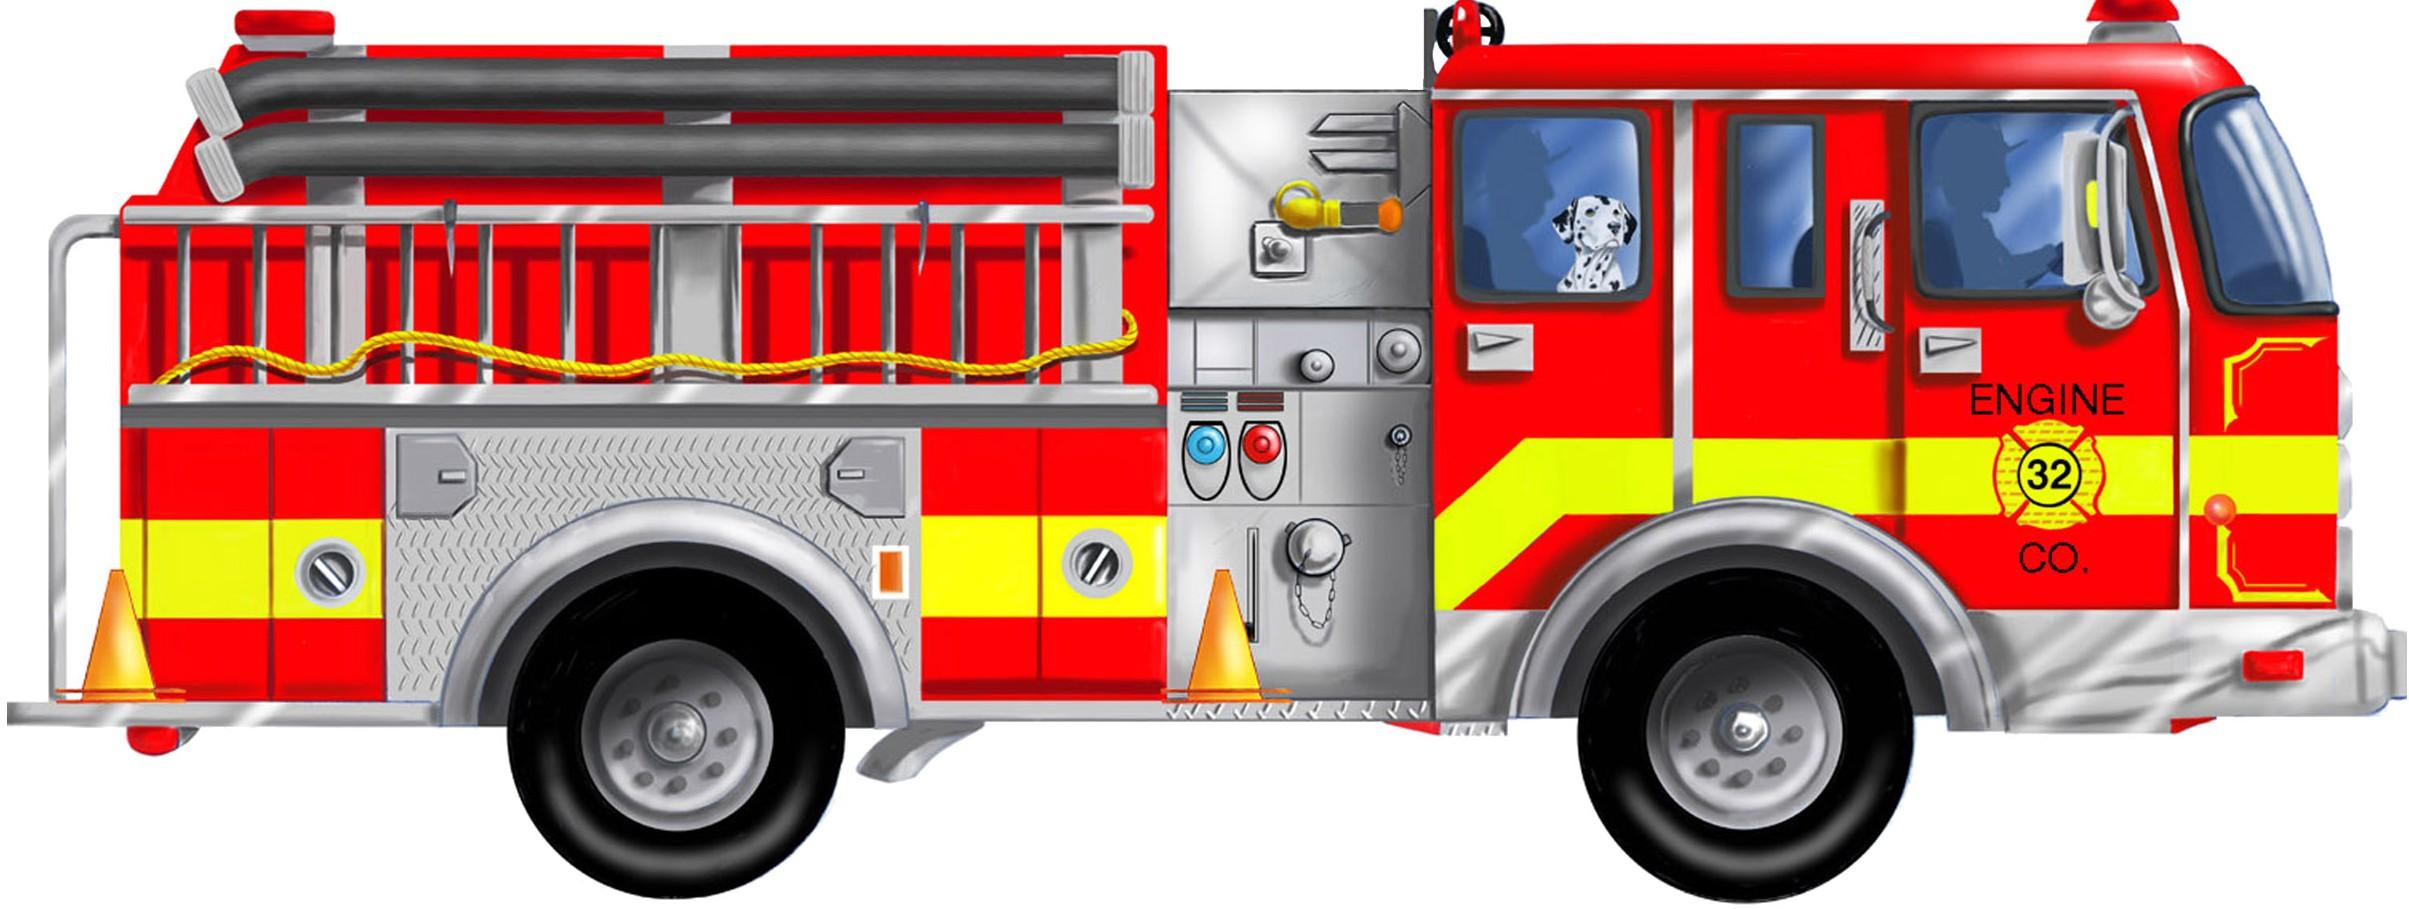 Fire truck firetruck clipart image firetruck silhouette clipartcow